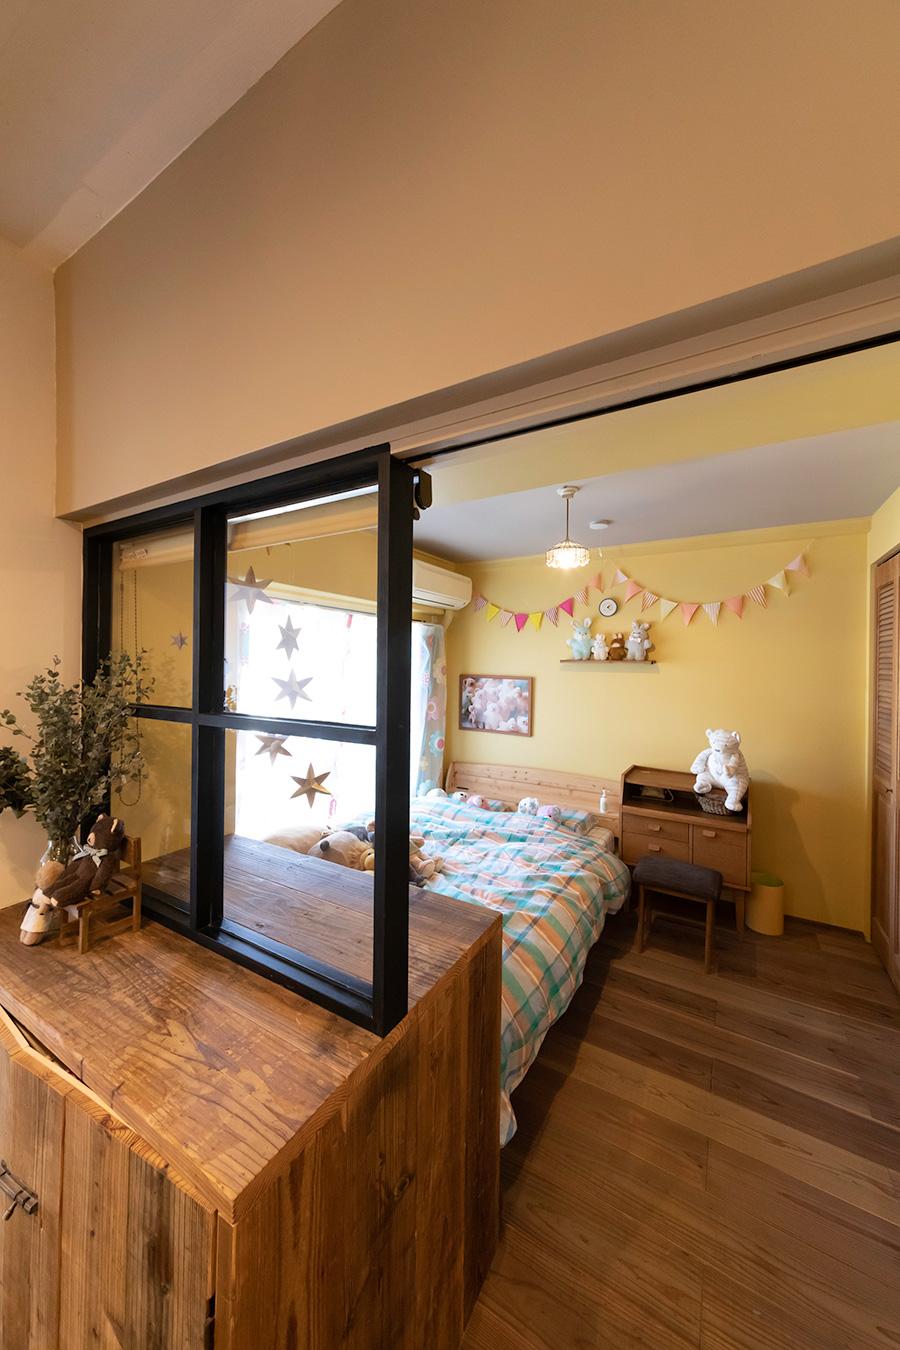 ベッドルームの壁の色はイエローに。間のガラス戸は黒にして空間を締めている。「ベッドルームの壁に棚があるといいなと思ったら、フィールドガレージさんがパッと棚を作ってくれました」